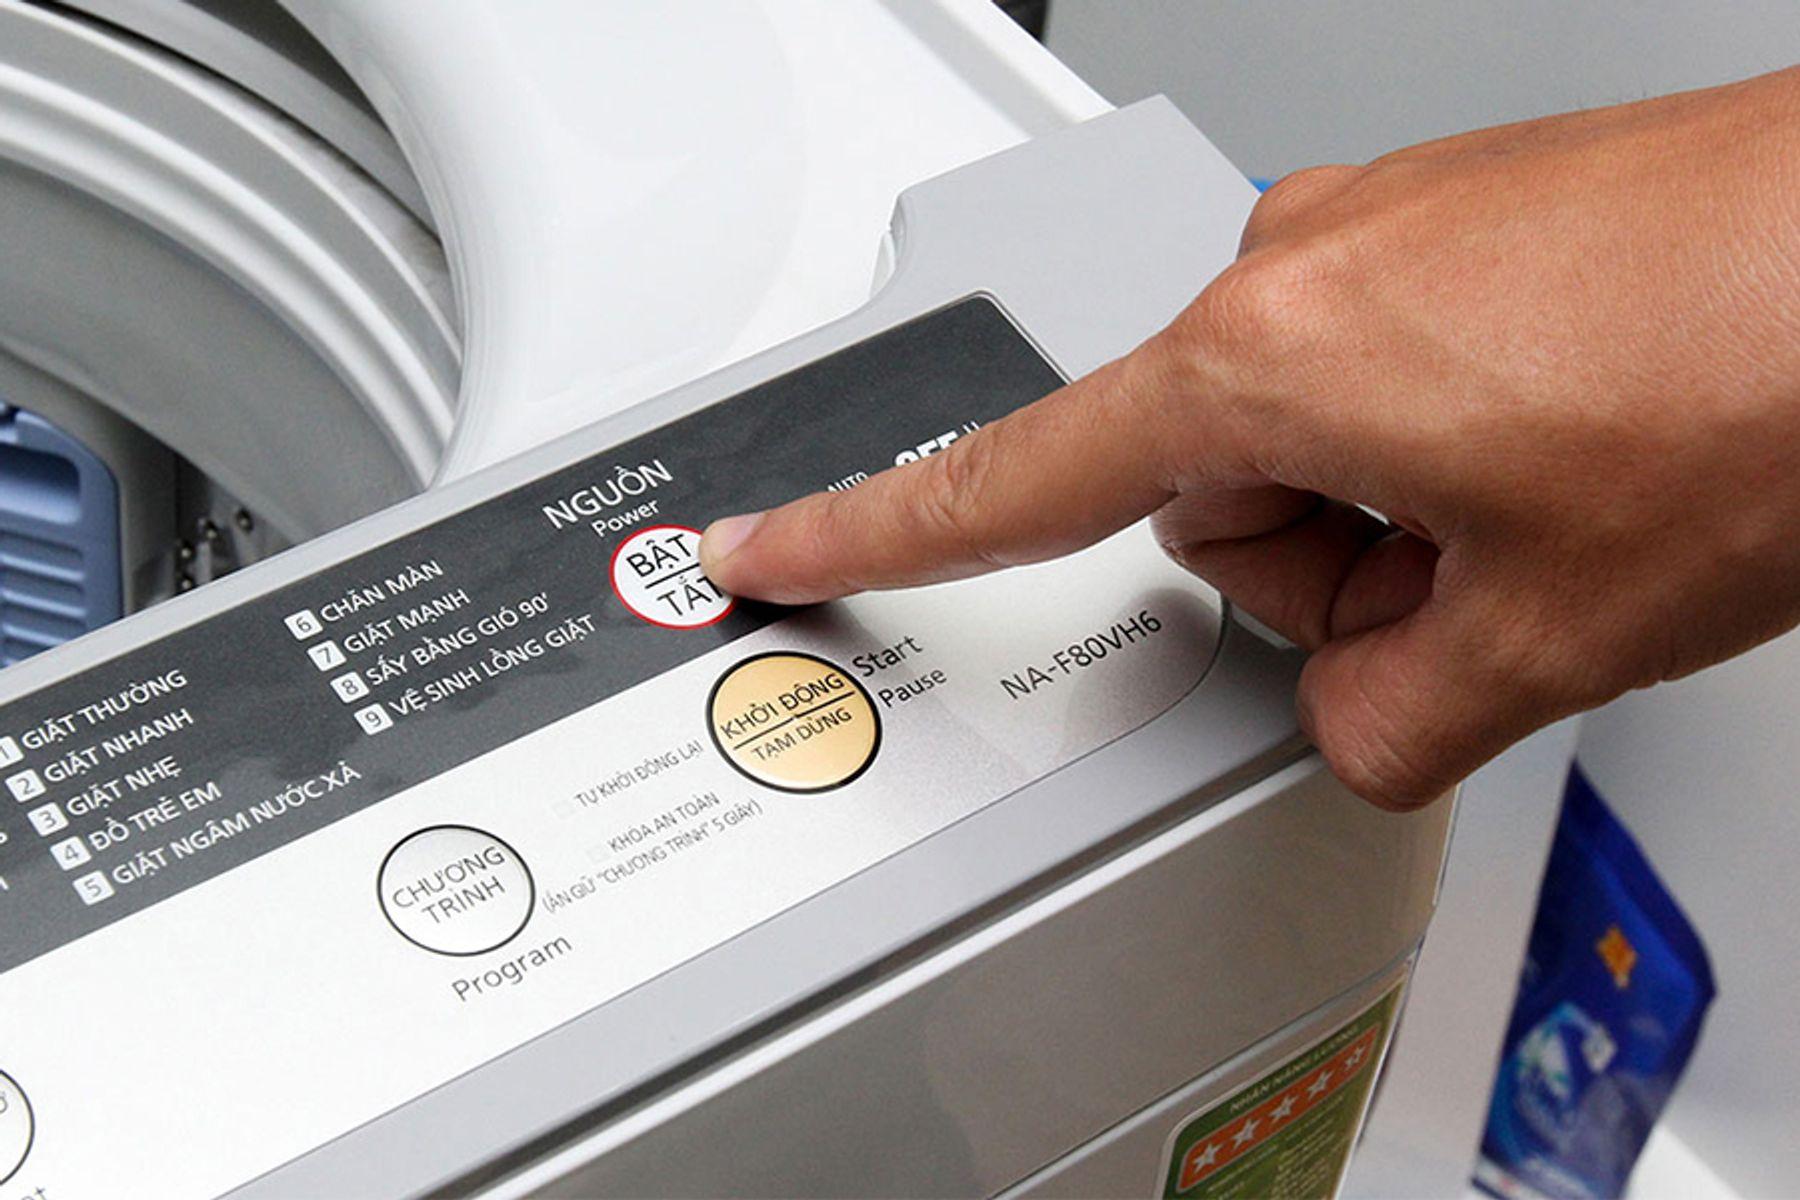 Nhấn nút Start cho máy giặt chạy chương trình